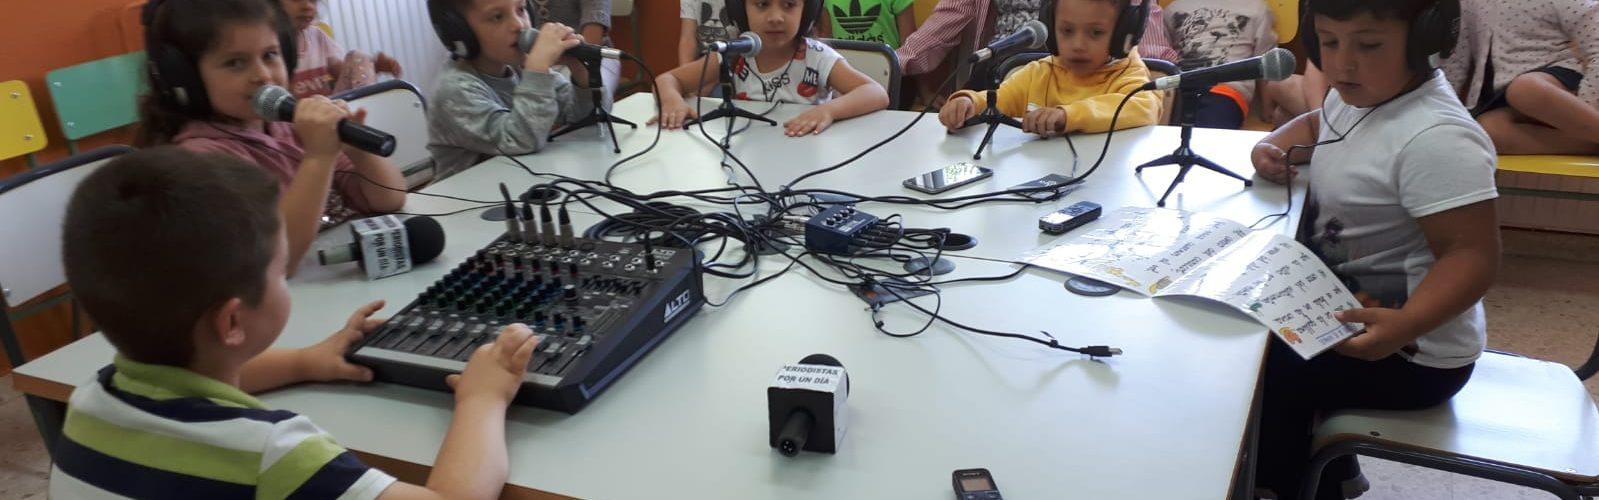 Entrevista infantil